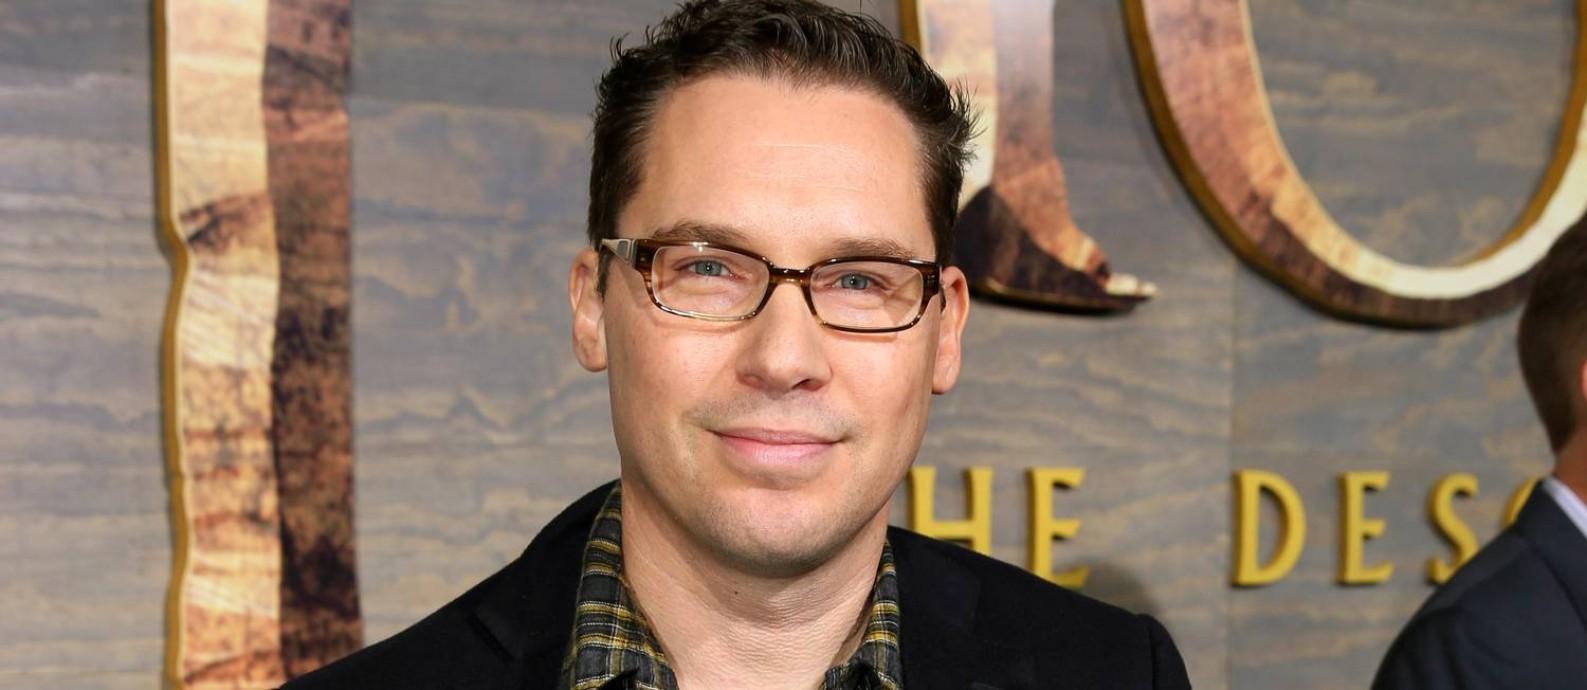 O diretor Bryan Singer Foto: Matt Sayles / Invision/AP